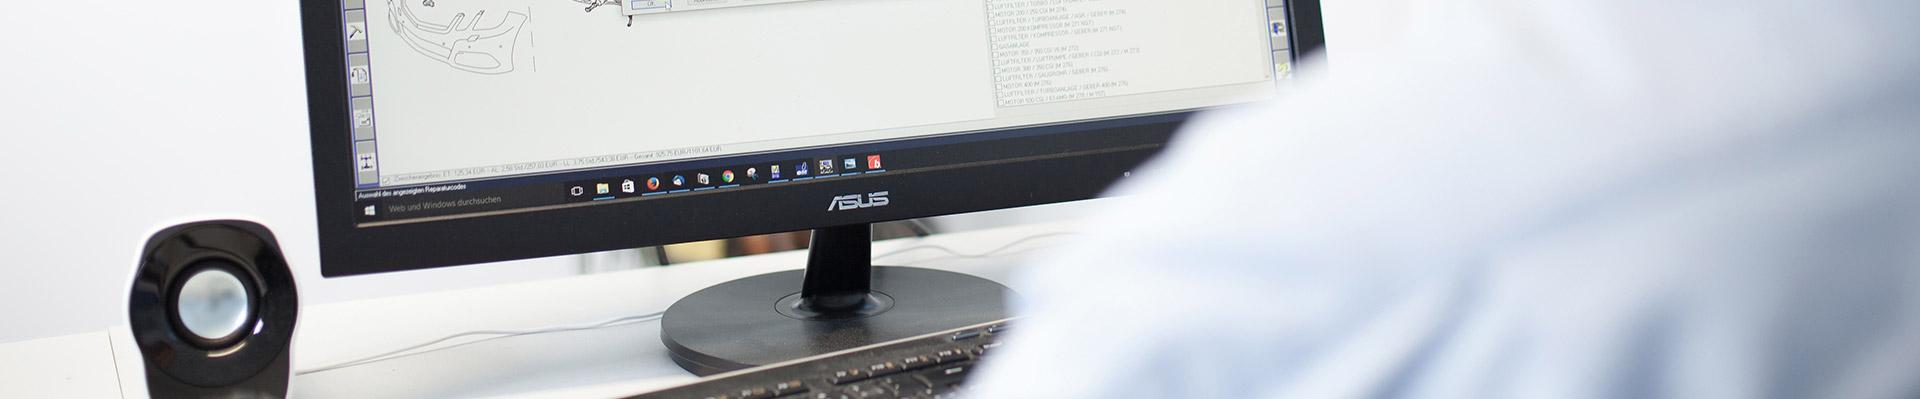 Auto Schäden werden am PC dokumentiert